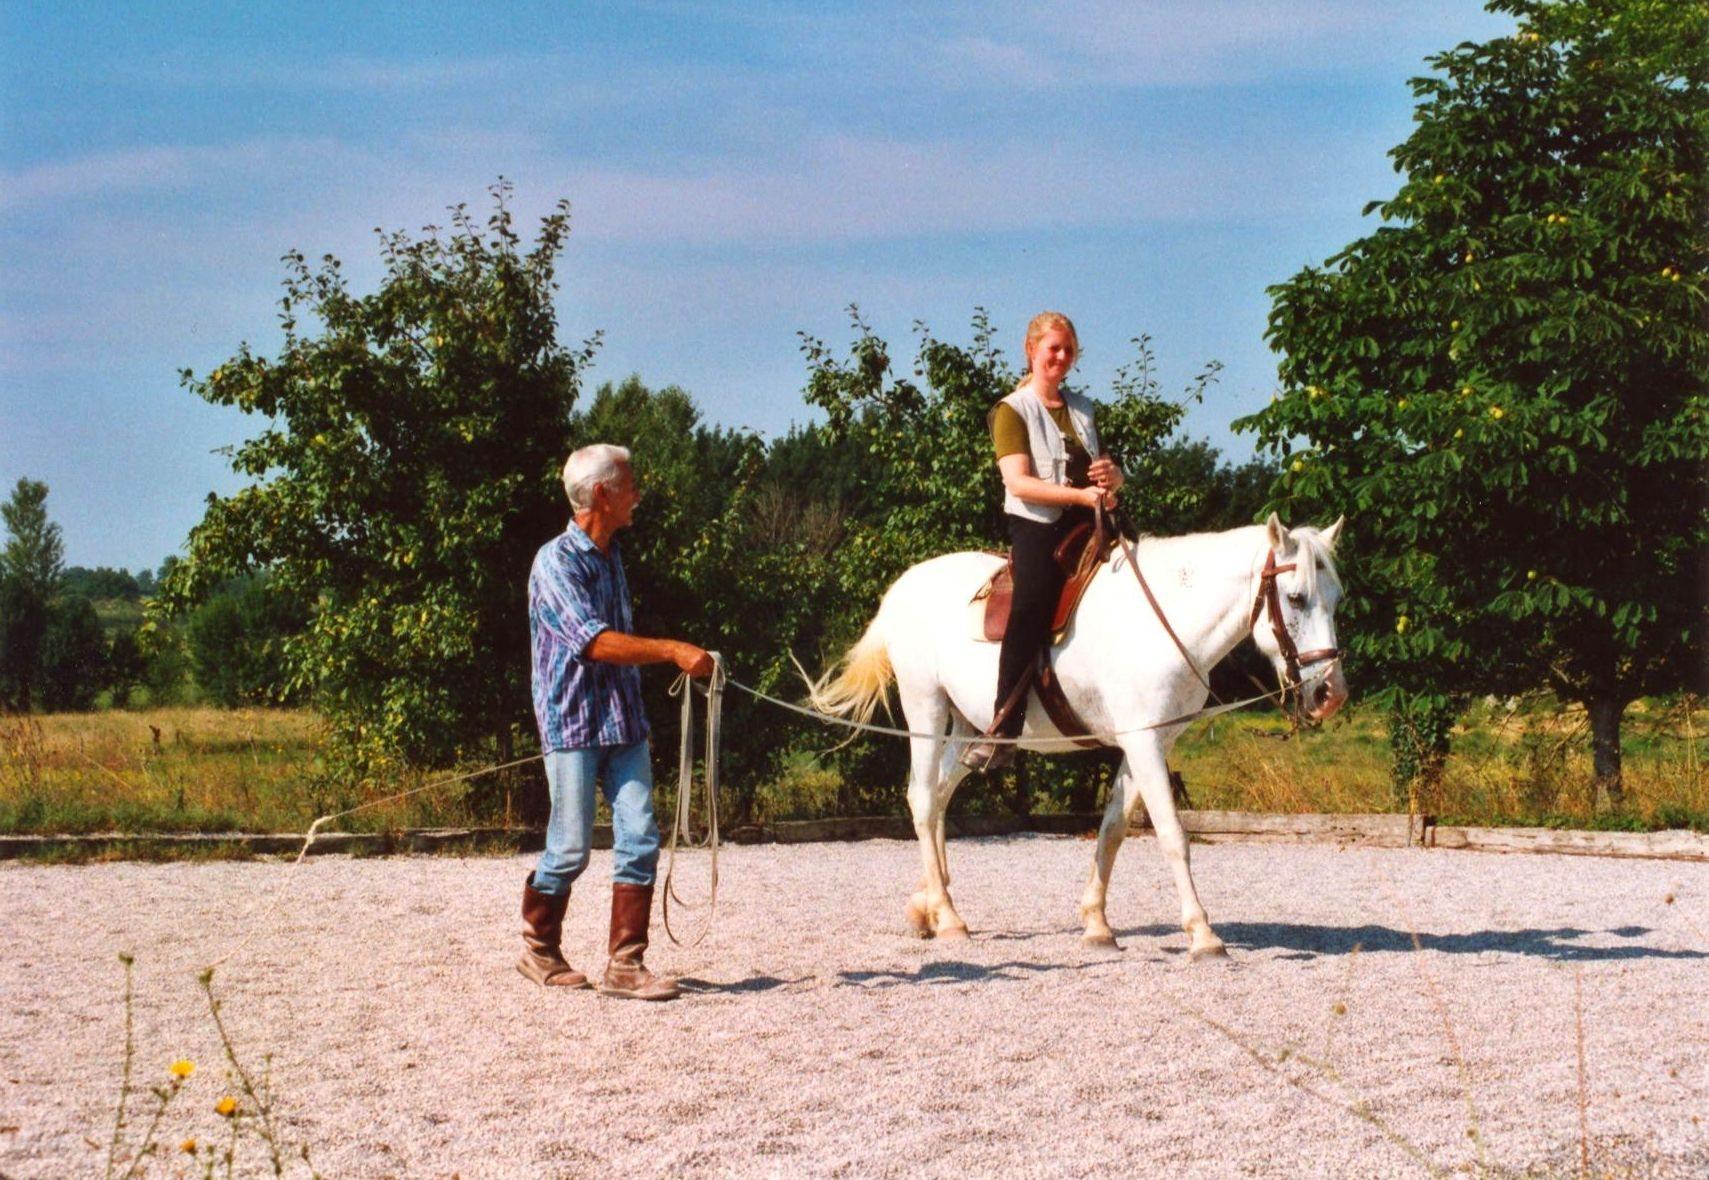 Bei Sadko Solinski 2001 in Frankreich.